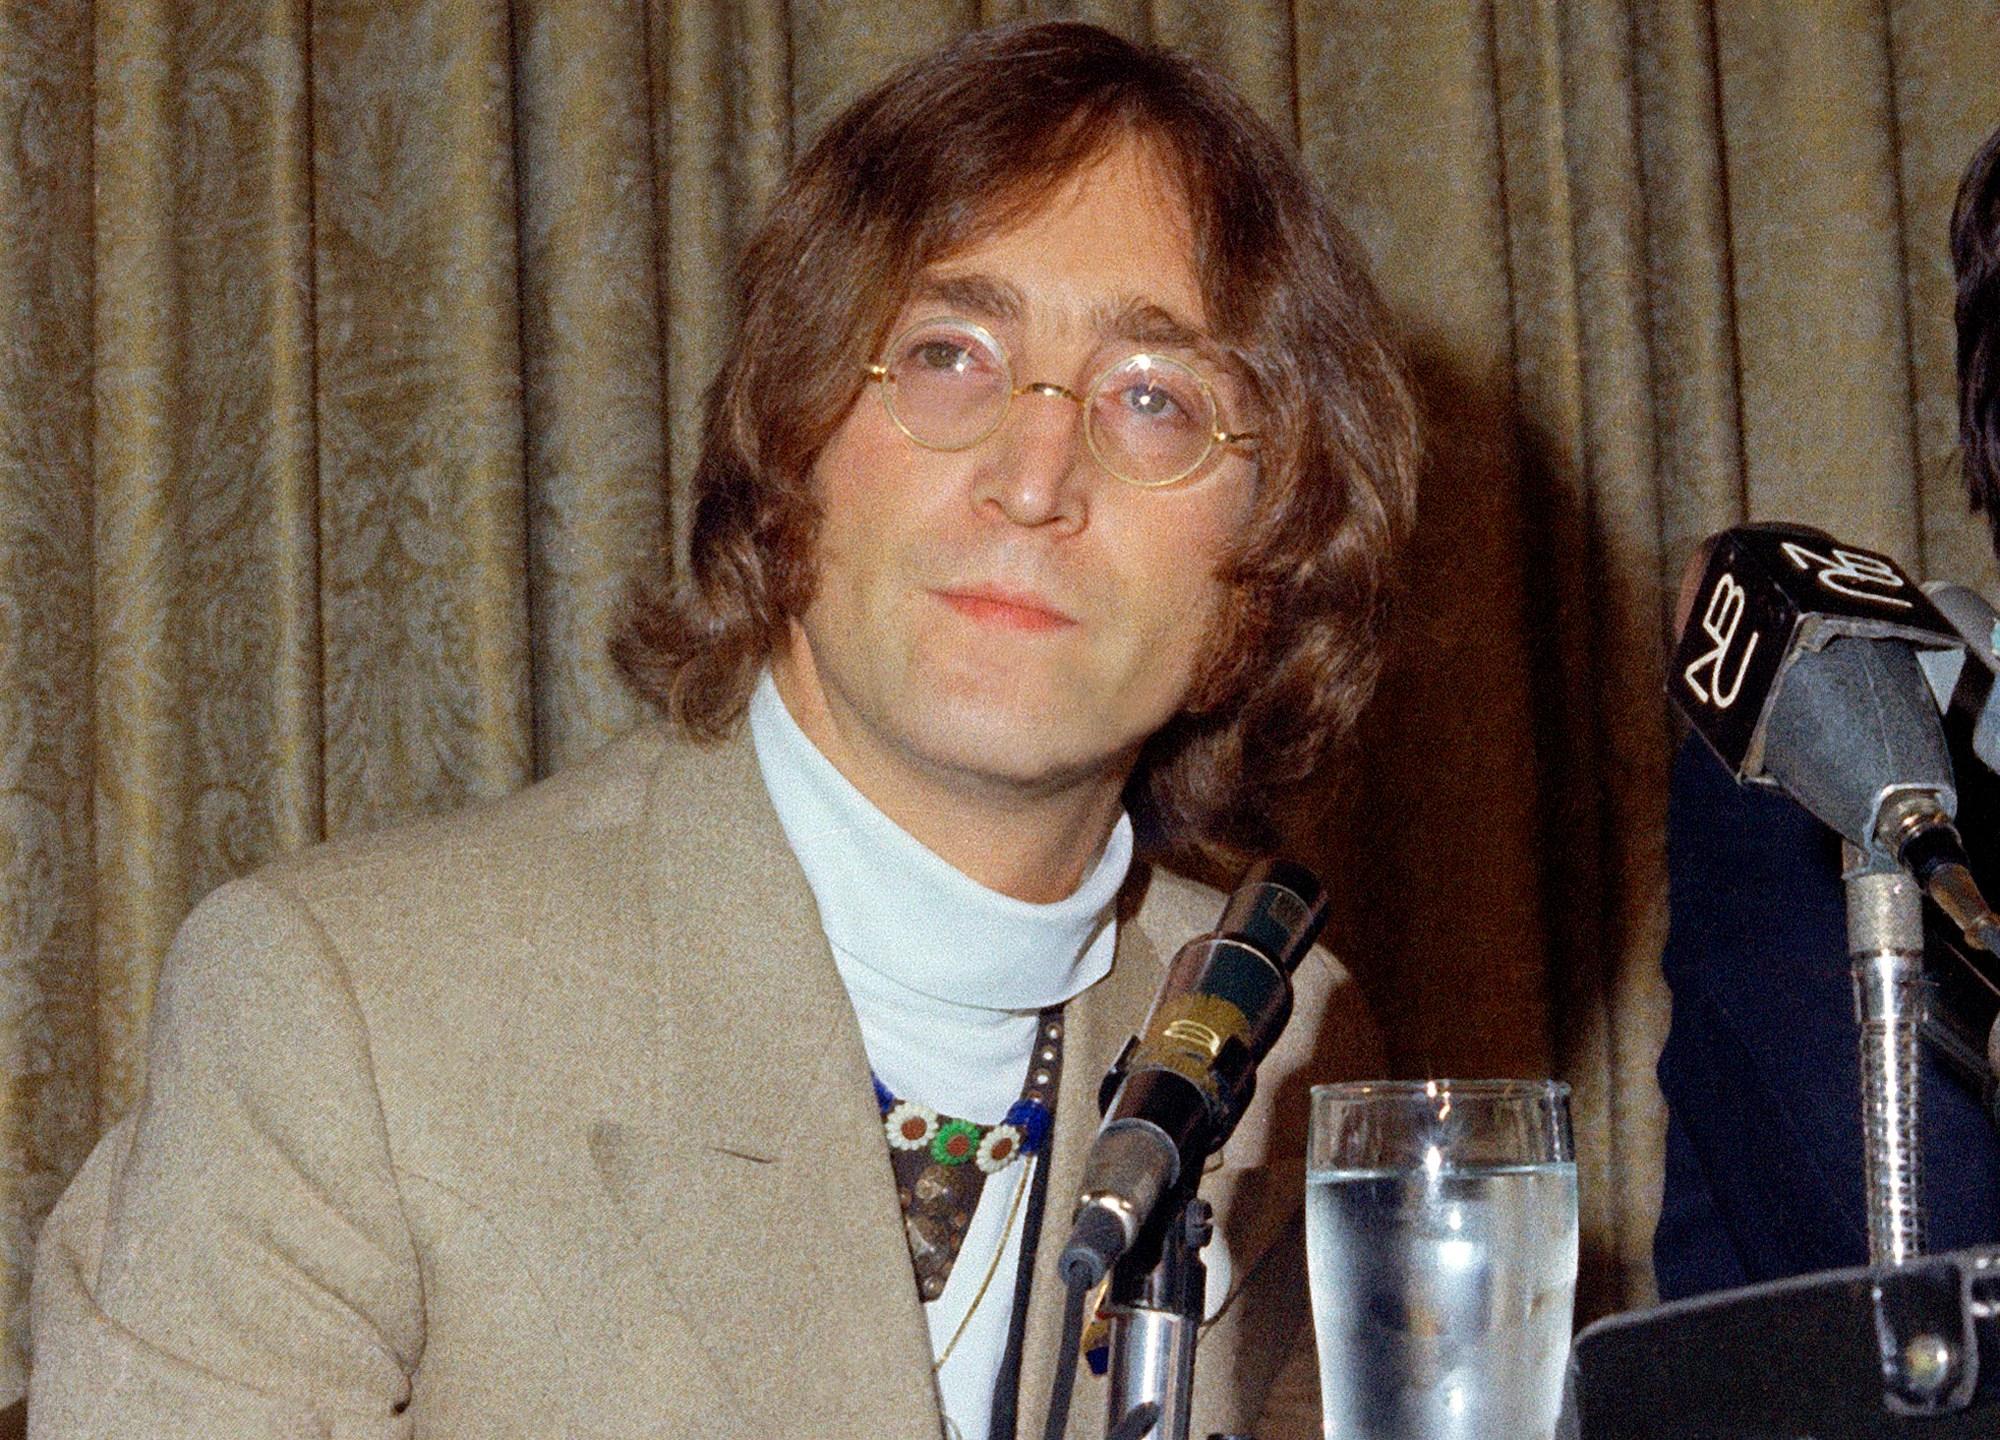 John_Lennon's_Killer_Parole_Denied_54759-159532.jpg61823423